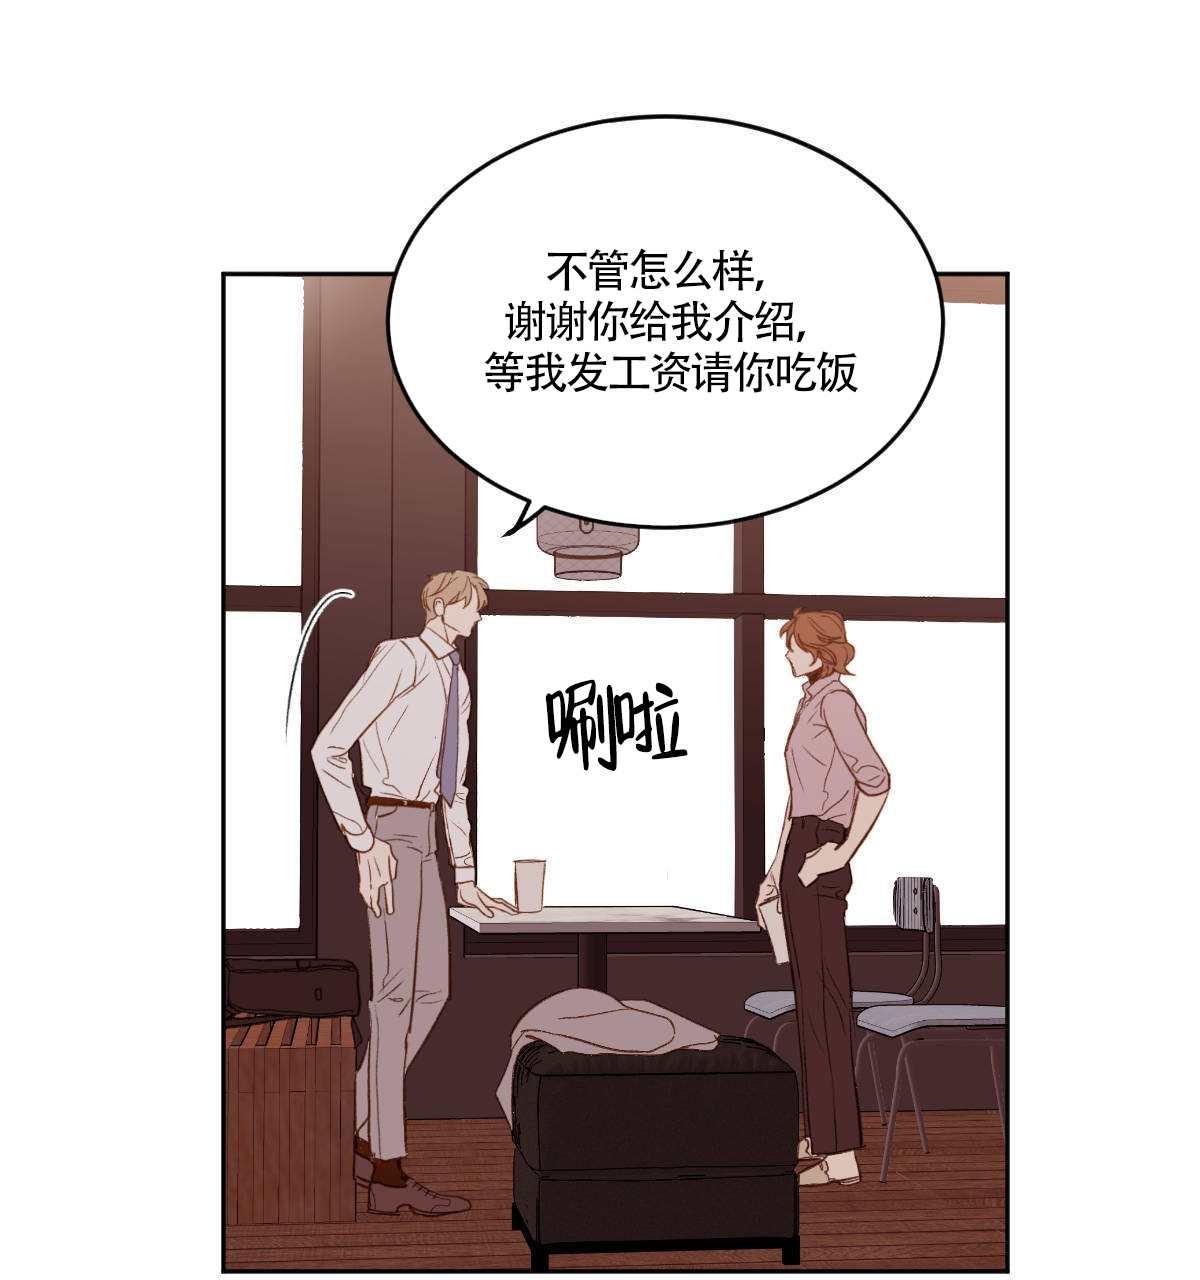 韩漫《新入职员》撩走办公室最可怕的大魔王!  第41张